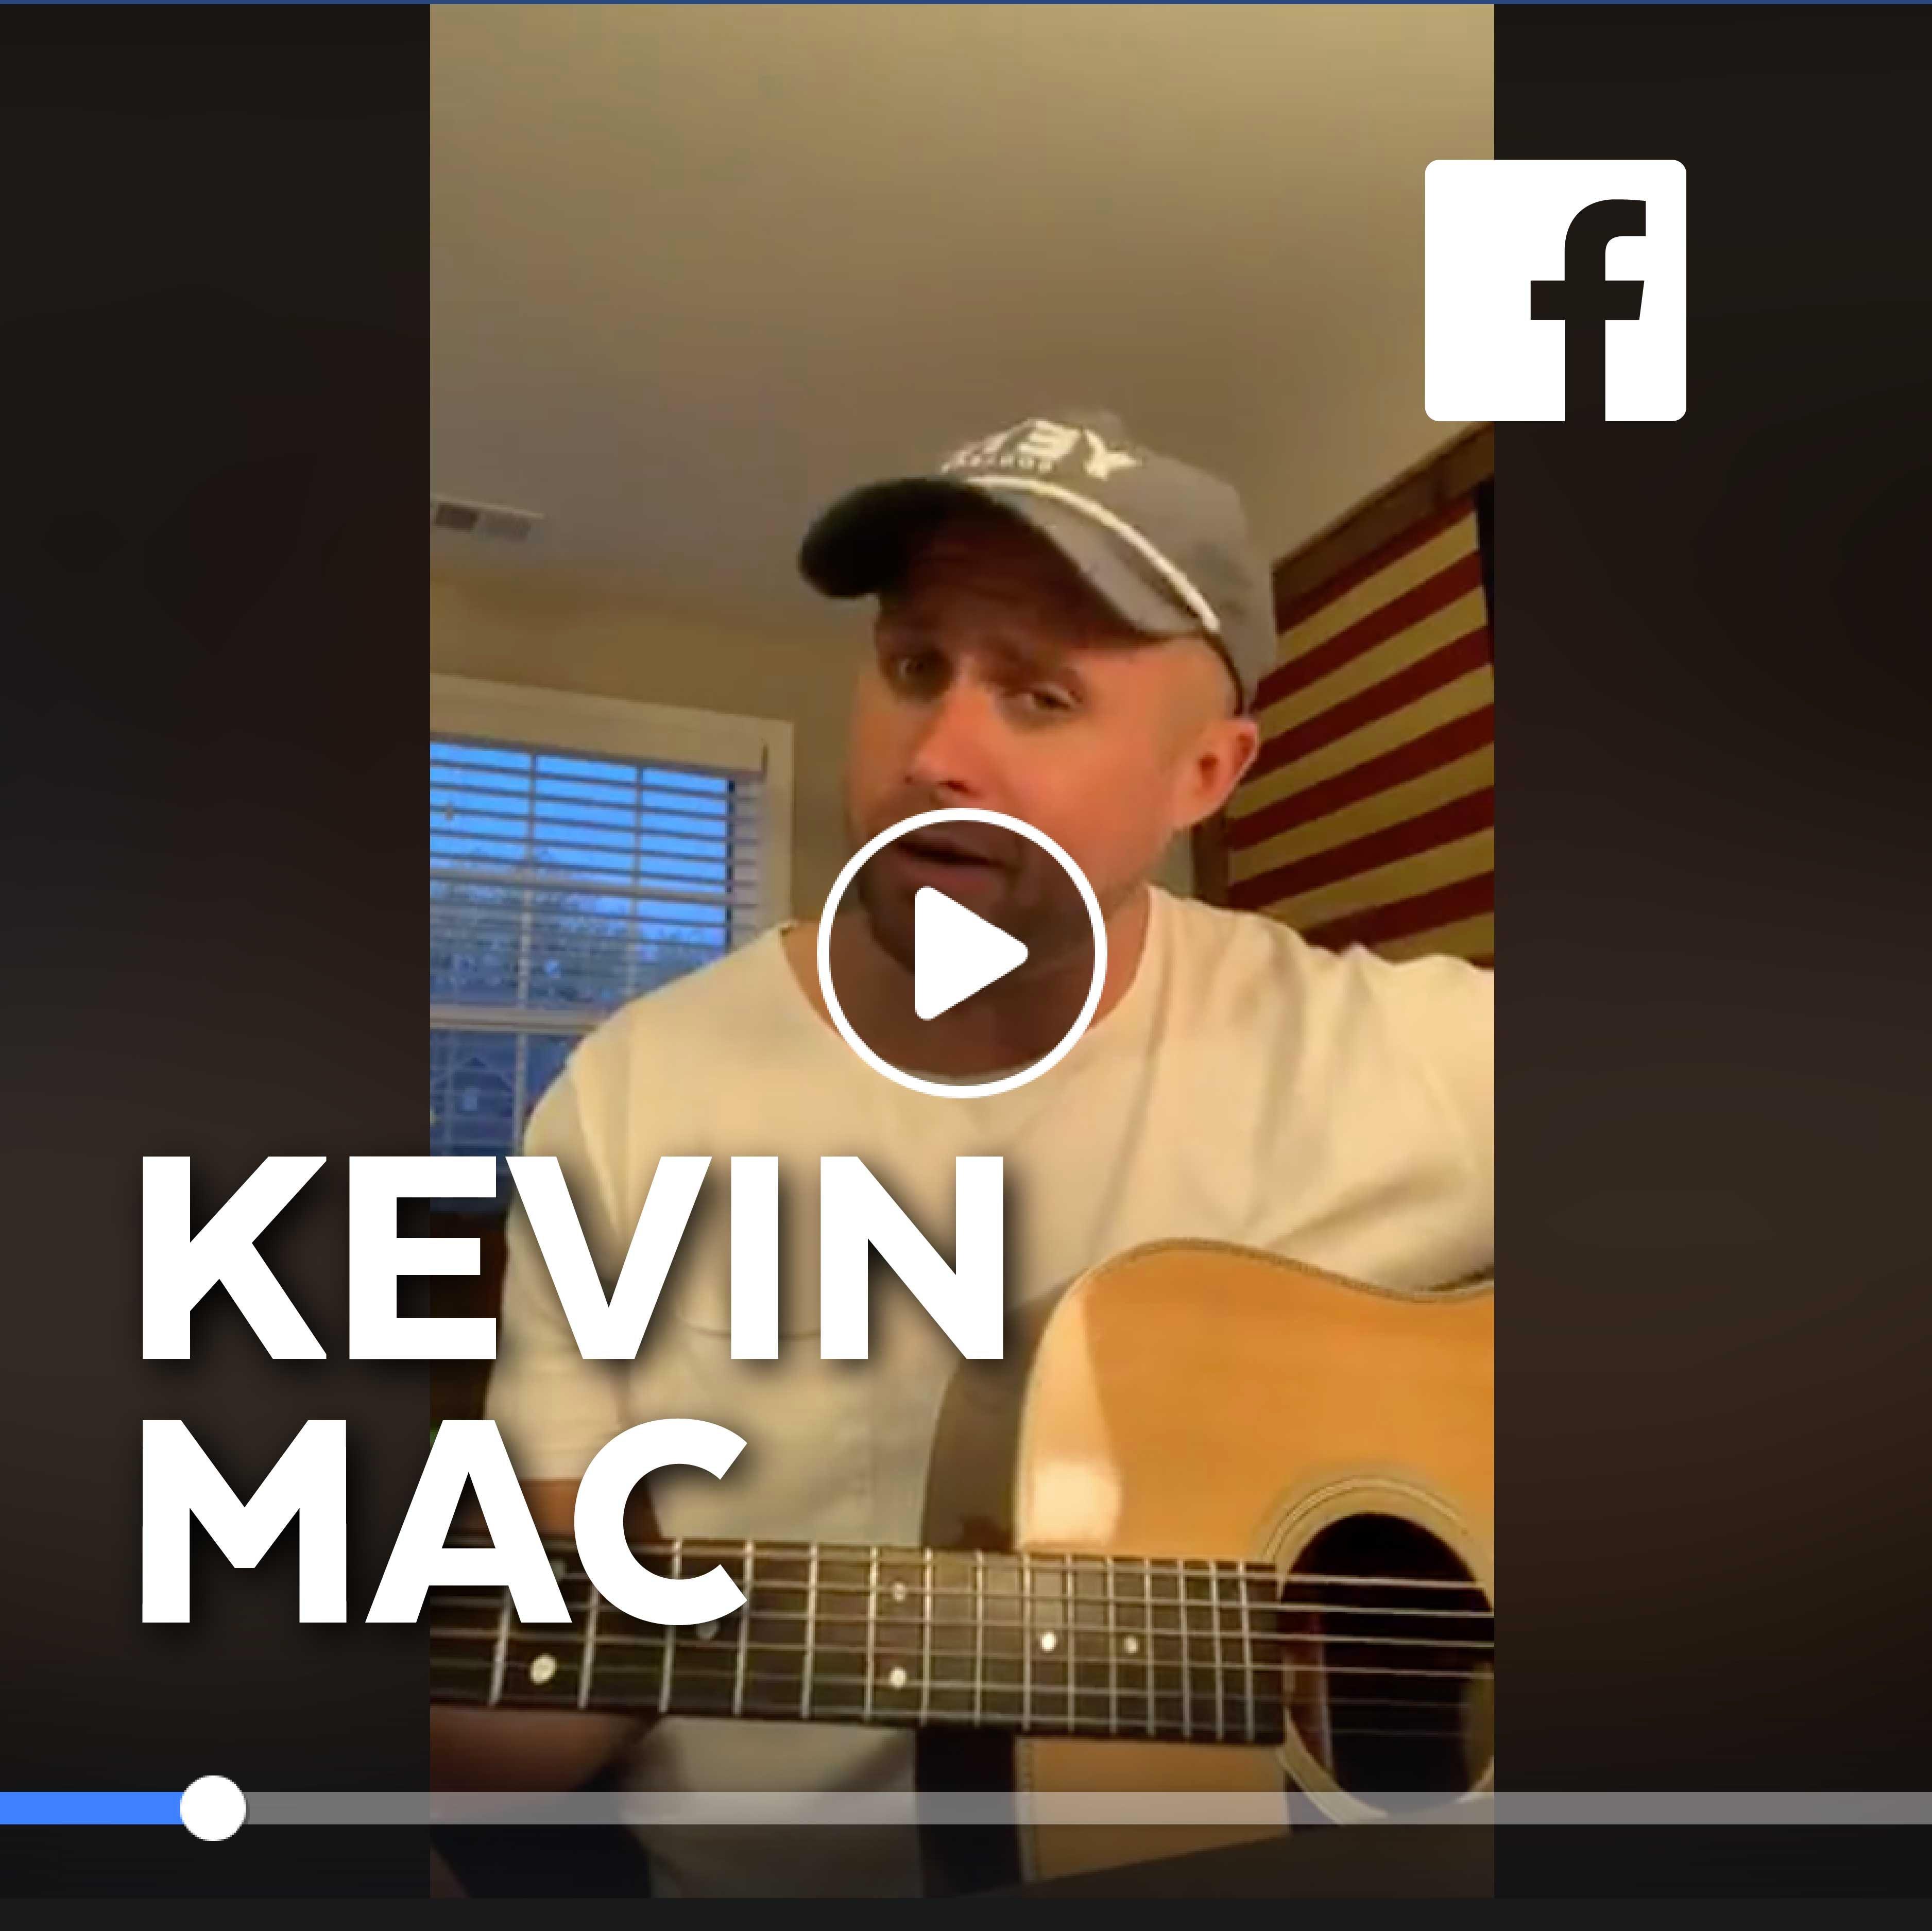 KevinMac-02.jpg